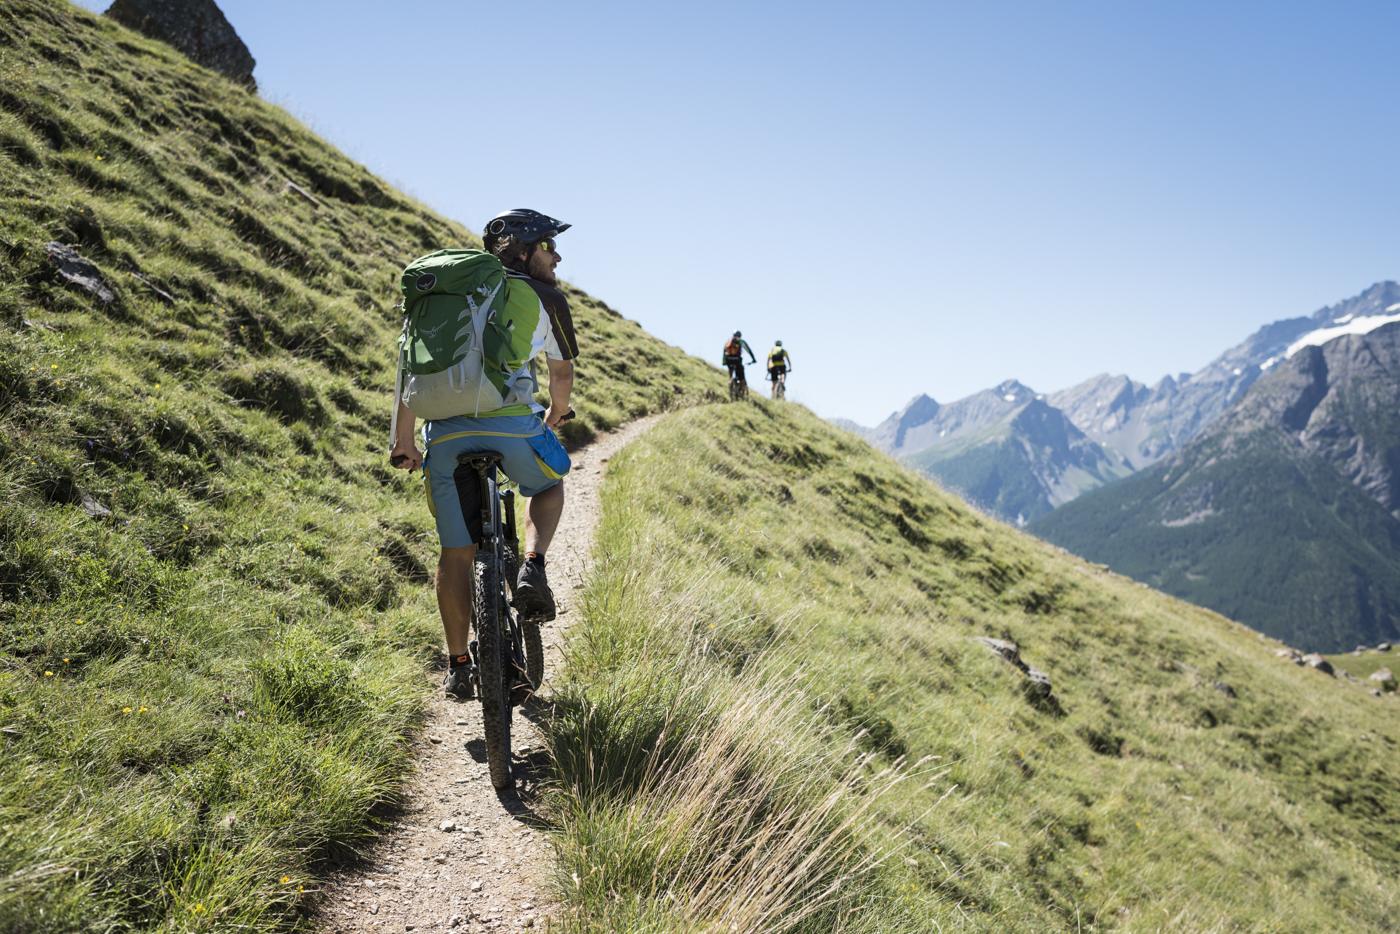 Randonneurs-VTT-Alpe-du-Lauzet-©-Carlos-Ayesta-Parc-National-des-Ecrins-48